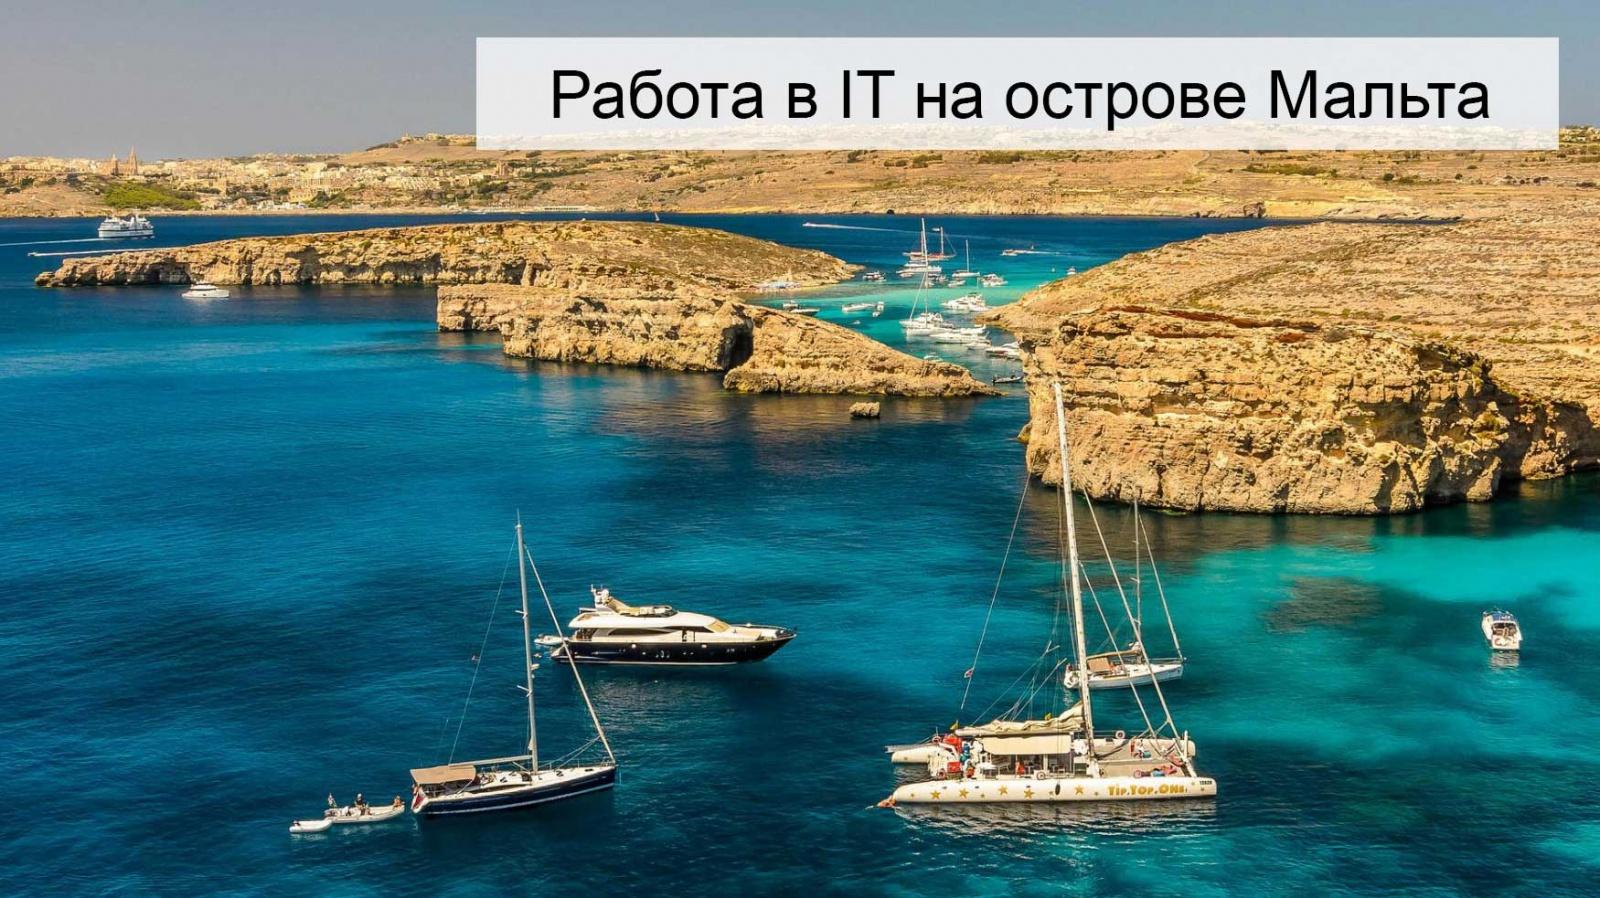 Мальта как новое направление для IT специалистов - 1